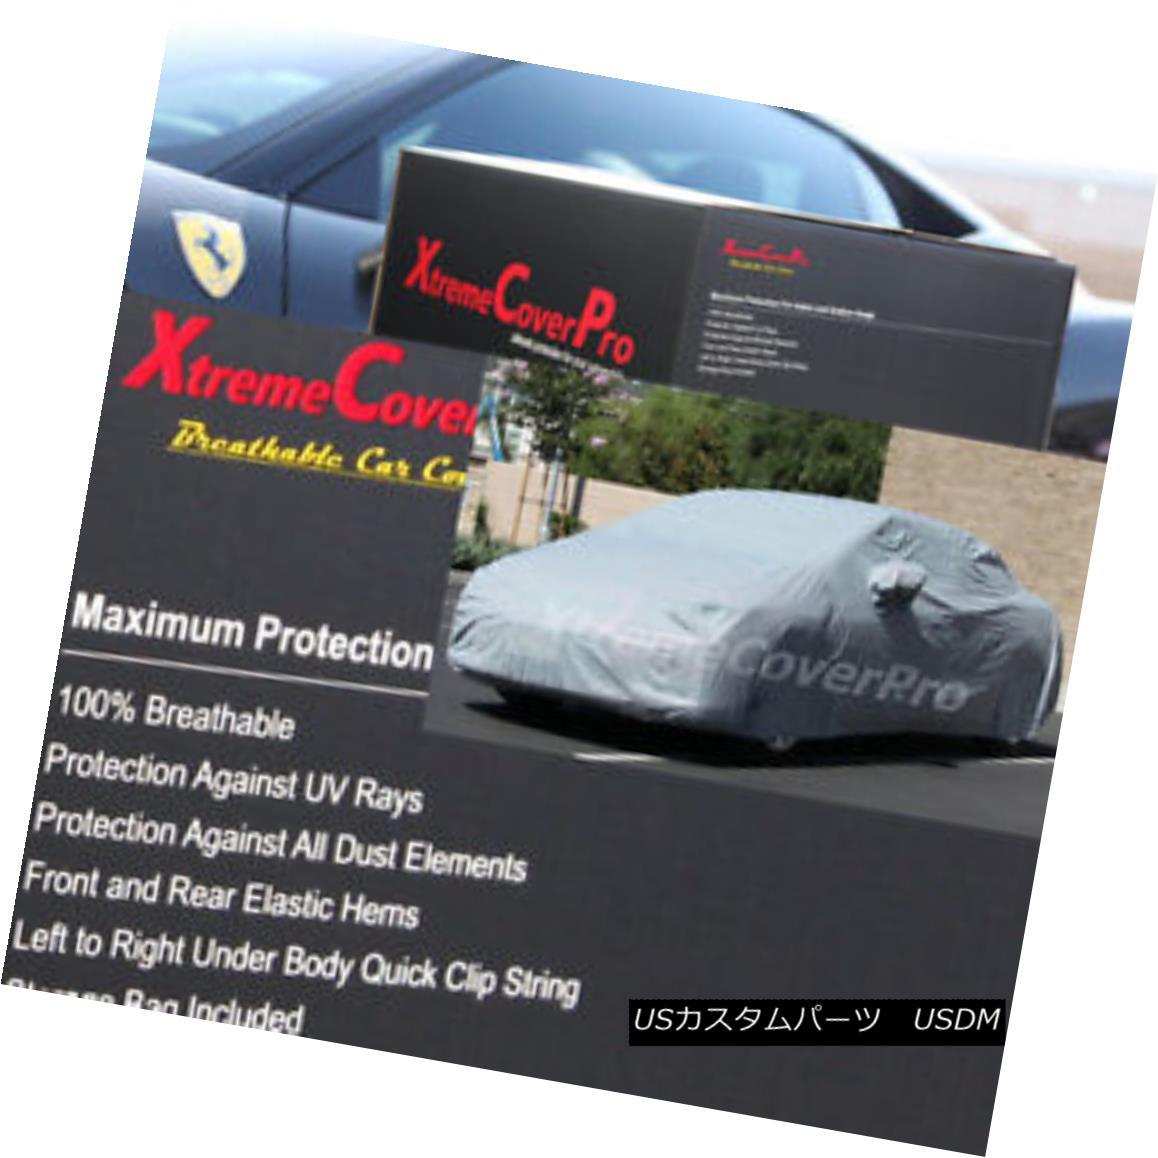 カーカバー 1998 1999 2000 2001 2002 Chevy Camaro Breathable Car Cover w/MirrorPocket 1998年1999年2000年2001年2002年シボレーカマロ通気性車カバー付き(MirrorPocket)